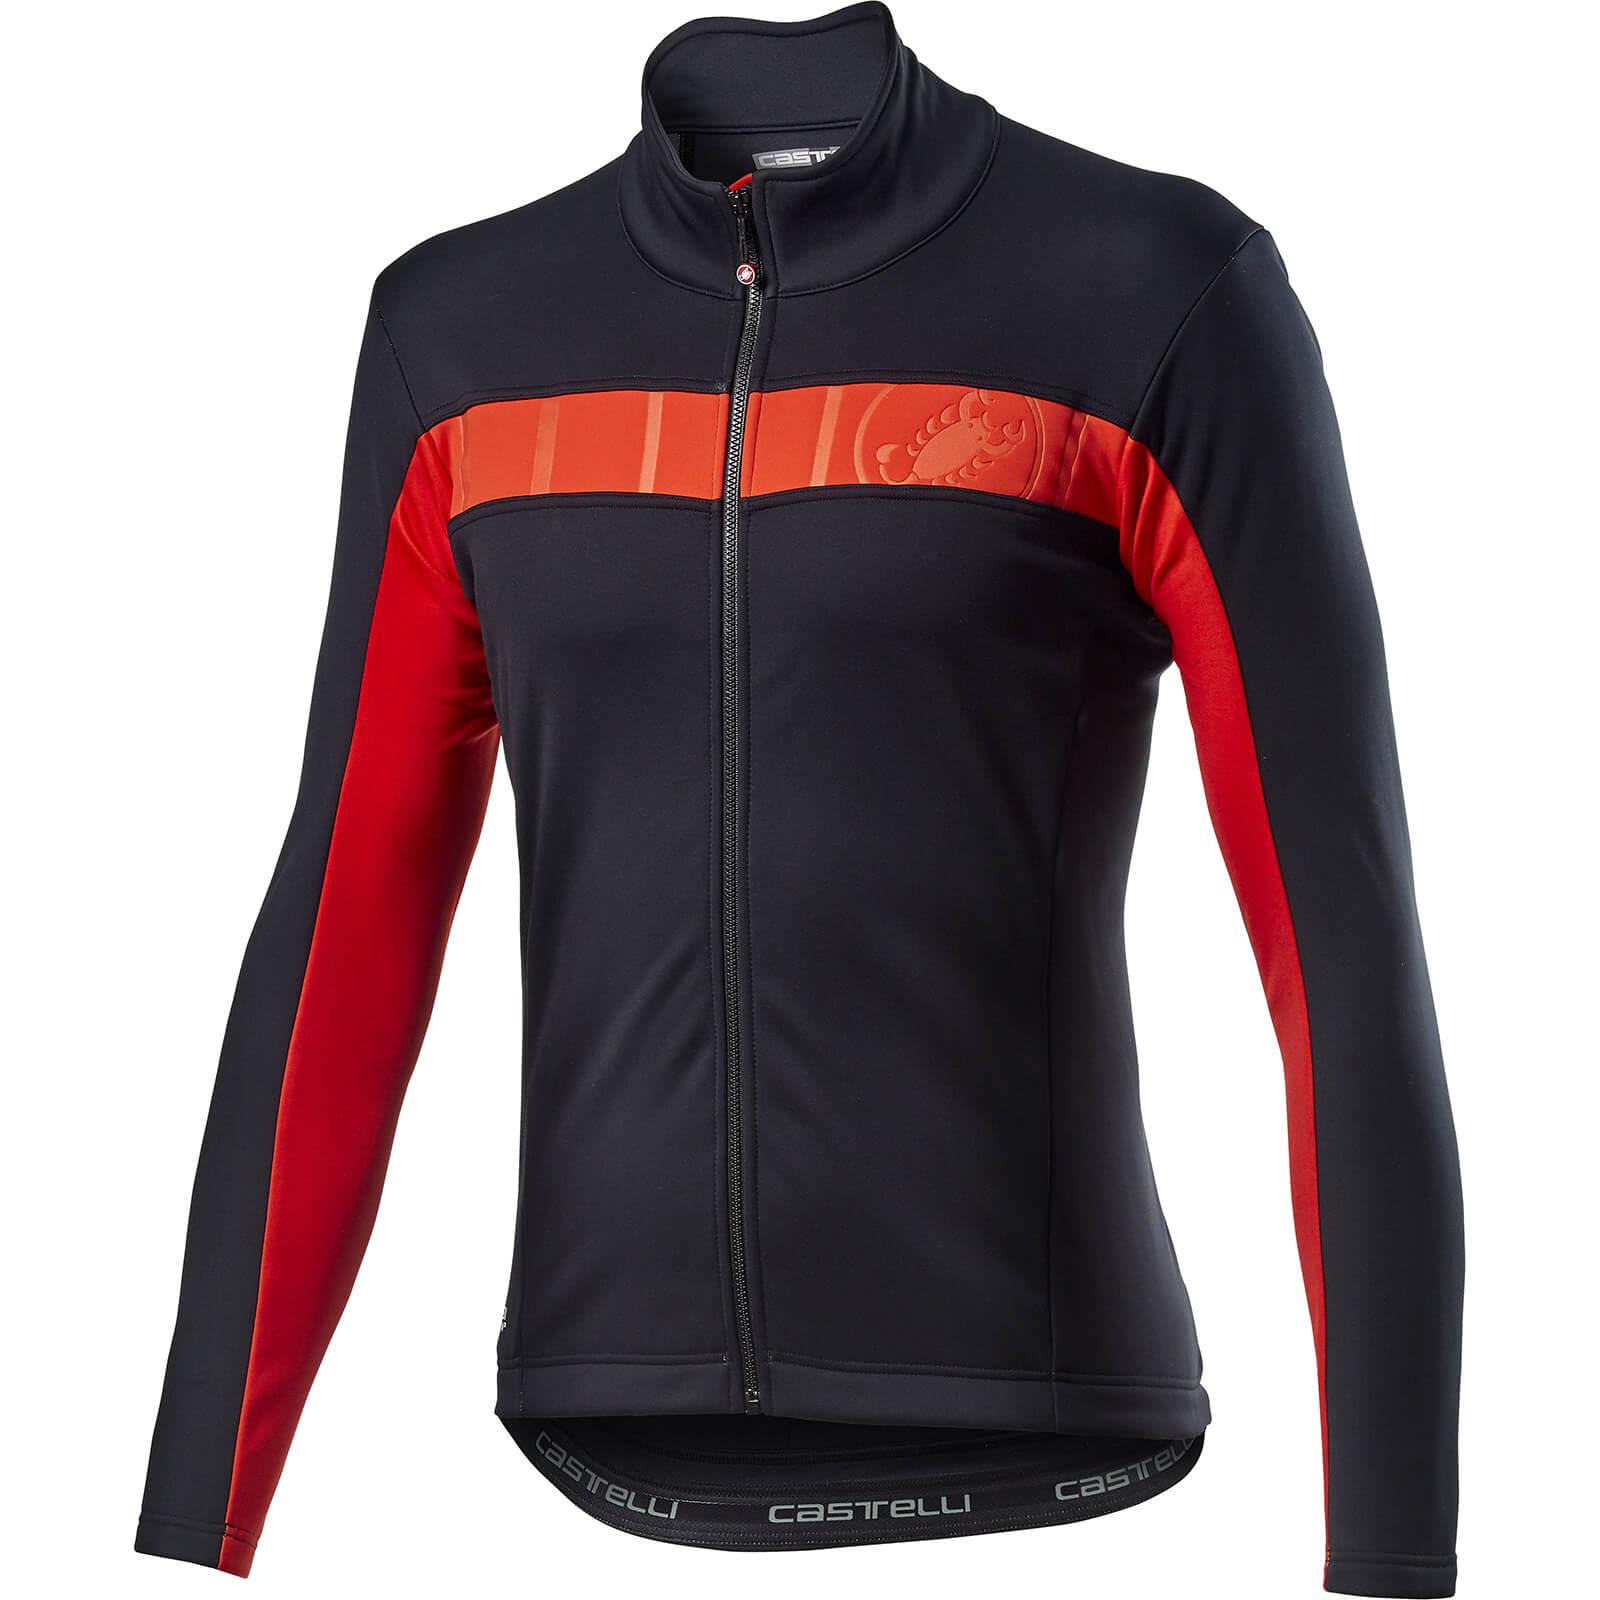 Castelli Mortirolo VI Jacket - L - Light Black